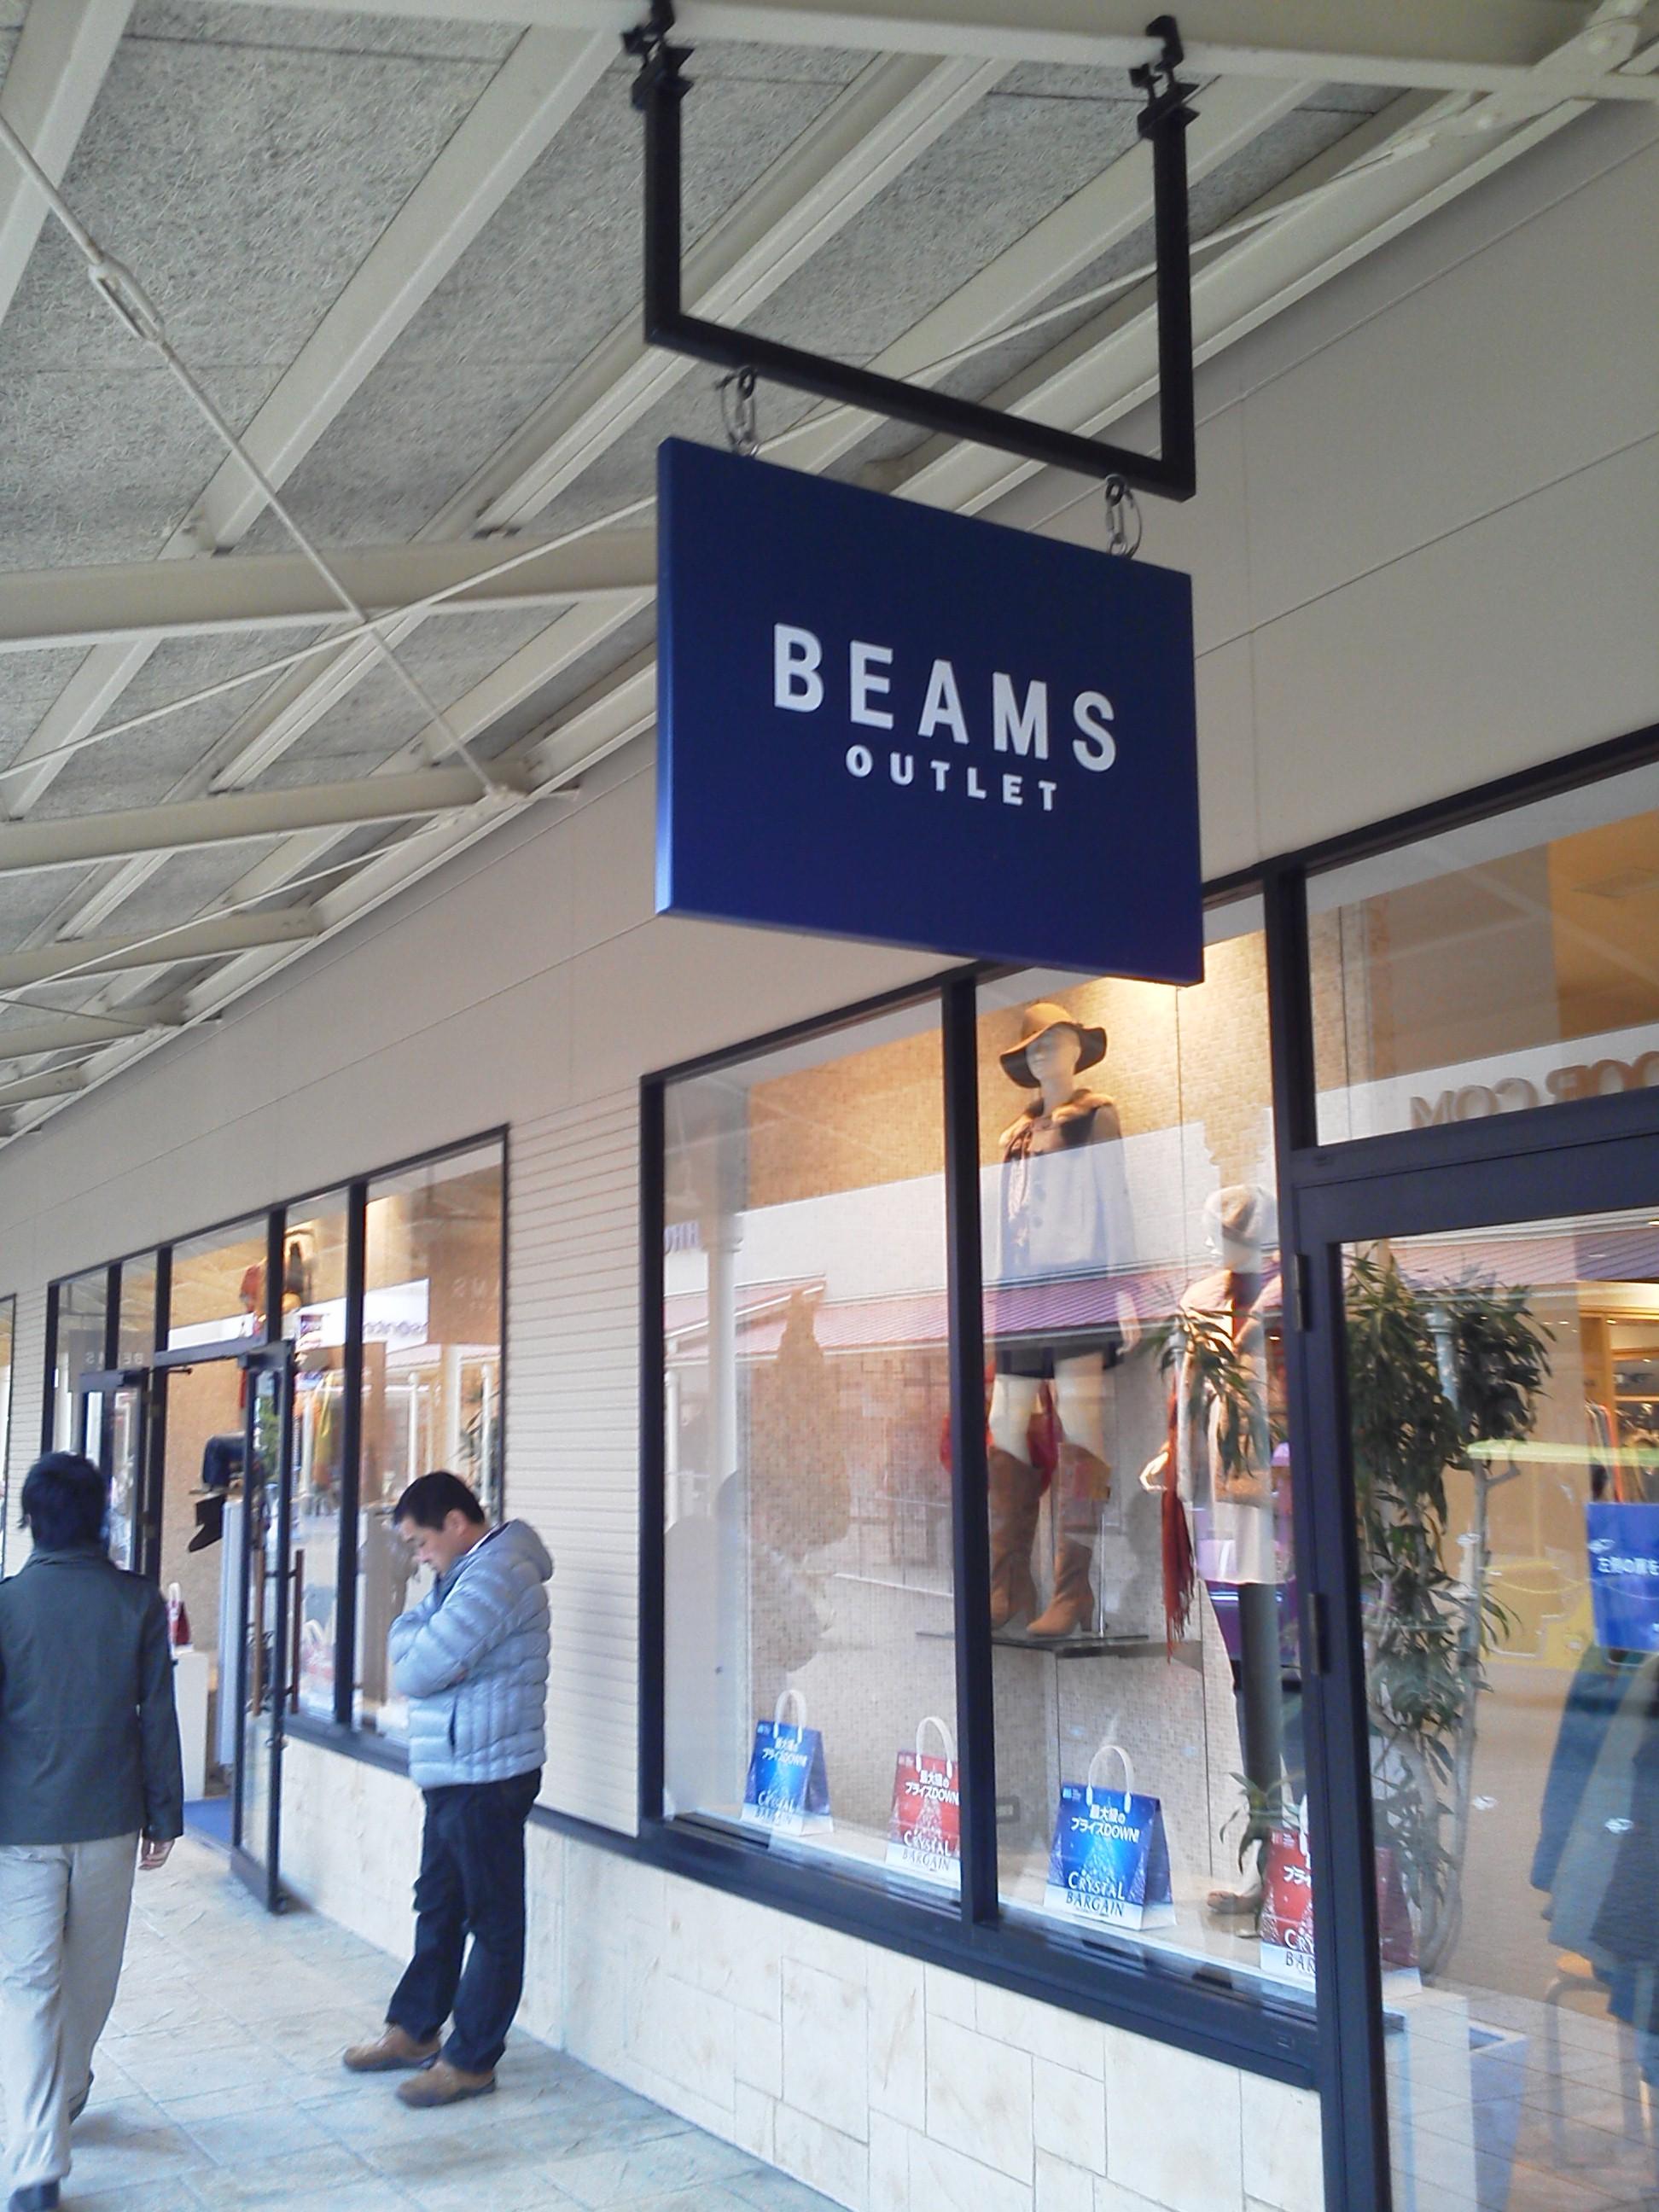 ビームス BEAMS 那須ガーデンアウトレットの店舗